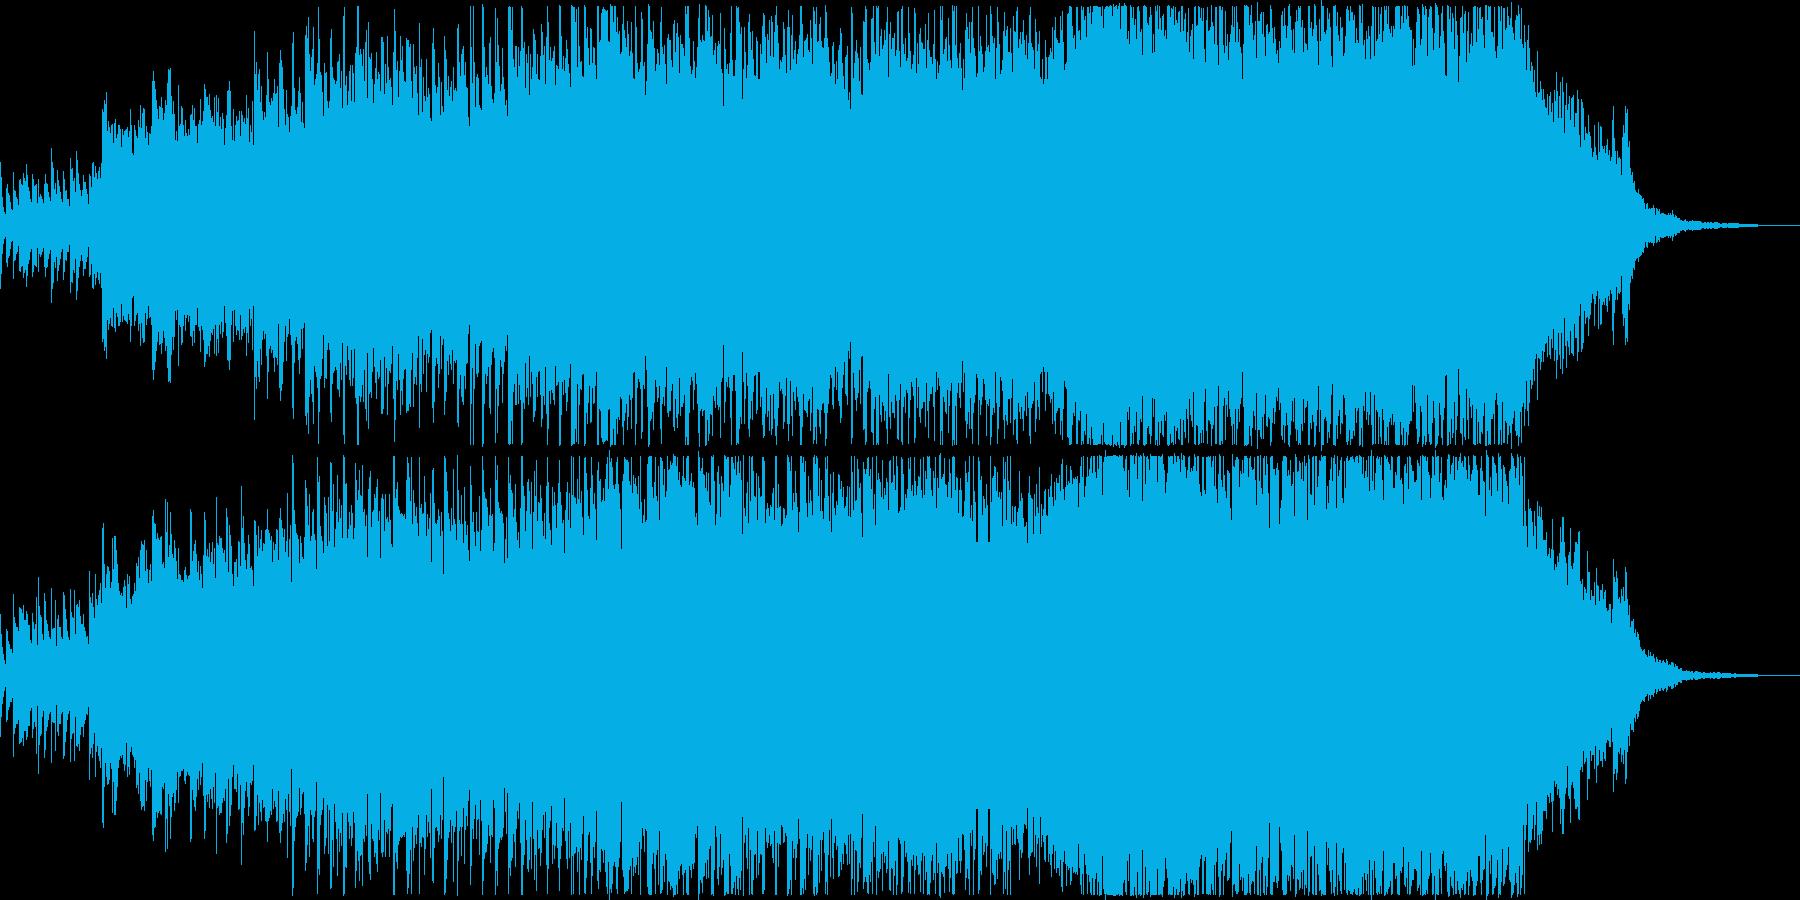 ストリングスやピアノを使用した感動的な曲の再生済みの波形